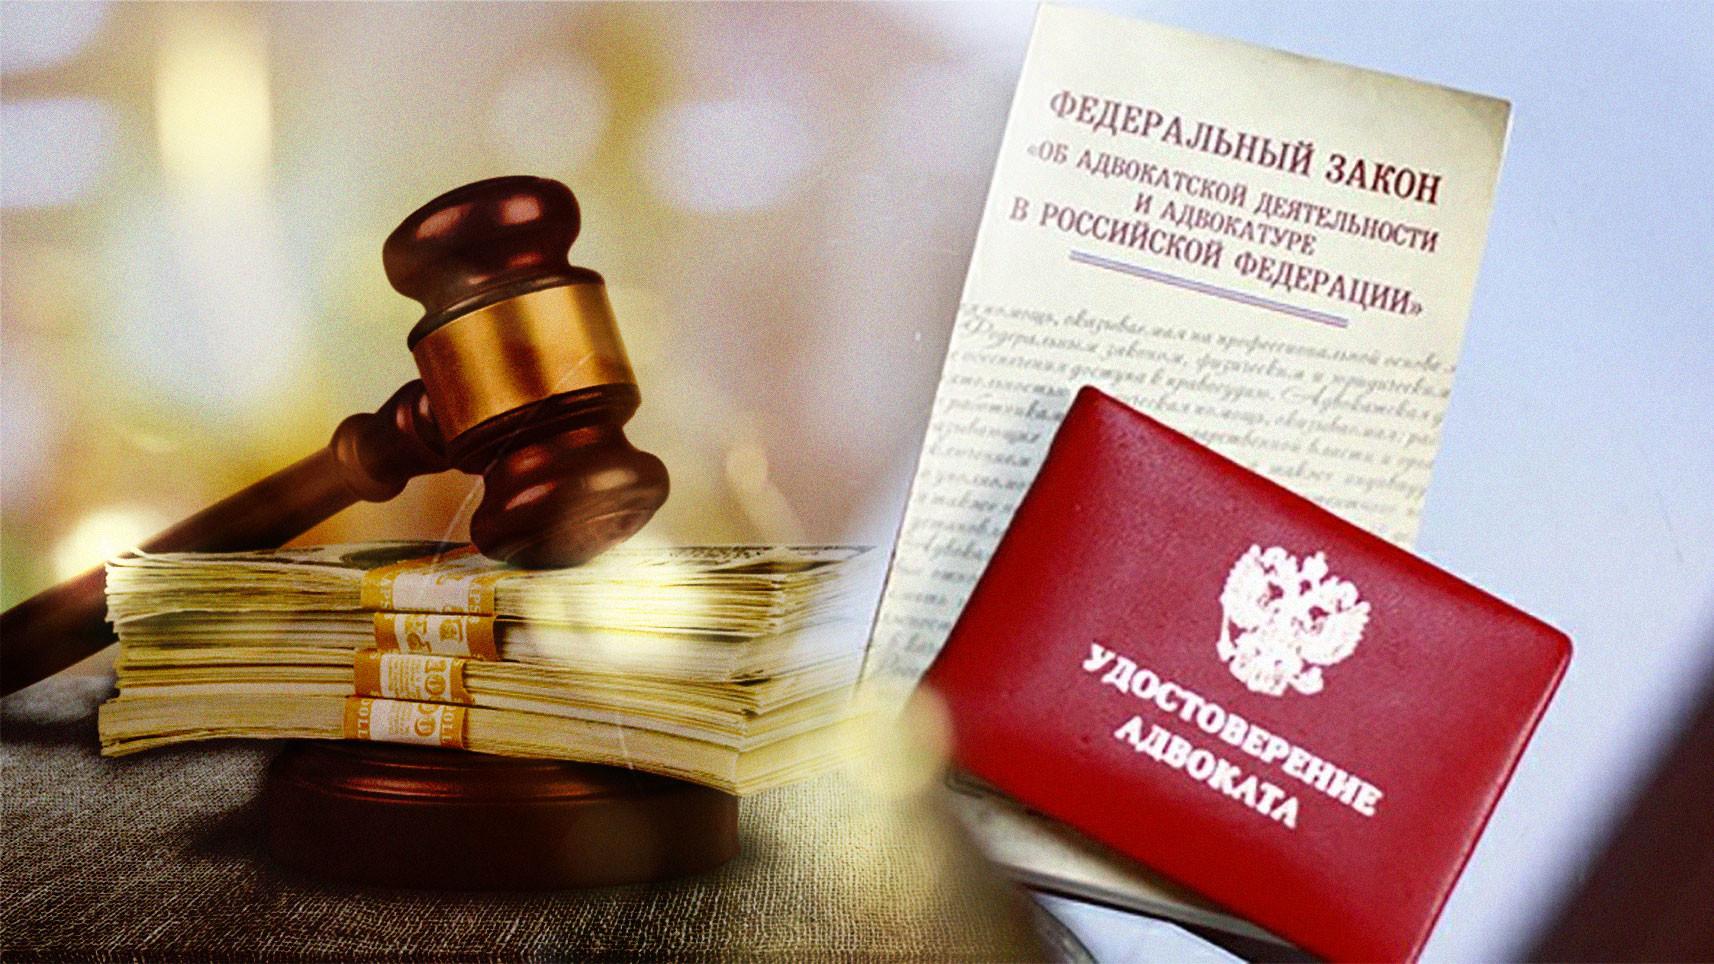 """<p>Коллаж &copy; L!FE. Фото &copy; Shutterstock Inc//&nbsp;<a href=""""https://jur24pro.ru/populyarnye-temy/advokaty-uslugi-i-konsultatsii/lishenie-statusa-advokata-za-chto-mogut-lishit-i-v-kakikh-sluchayakh/"""" target=""""_blank"""">Российский Юридический Портал</a><span>&nbsp;&nbsp;</span></p>"""